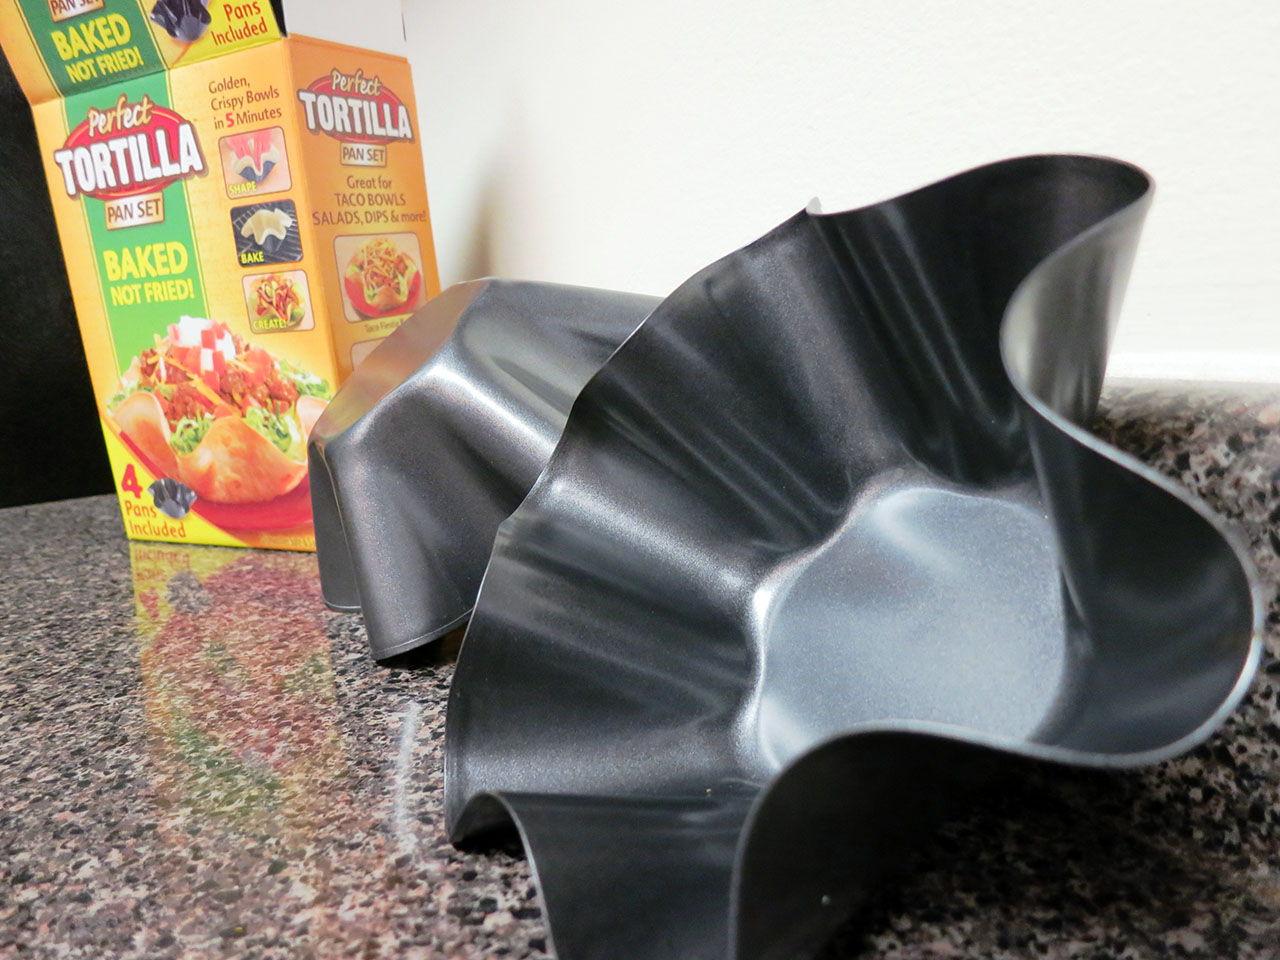 perfect tortilla bowl instructions